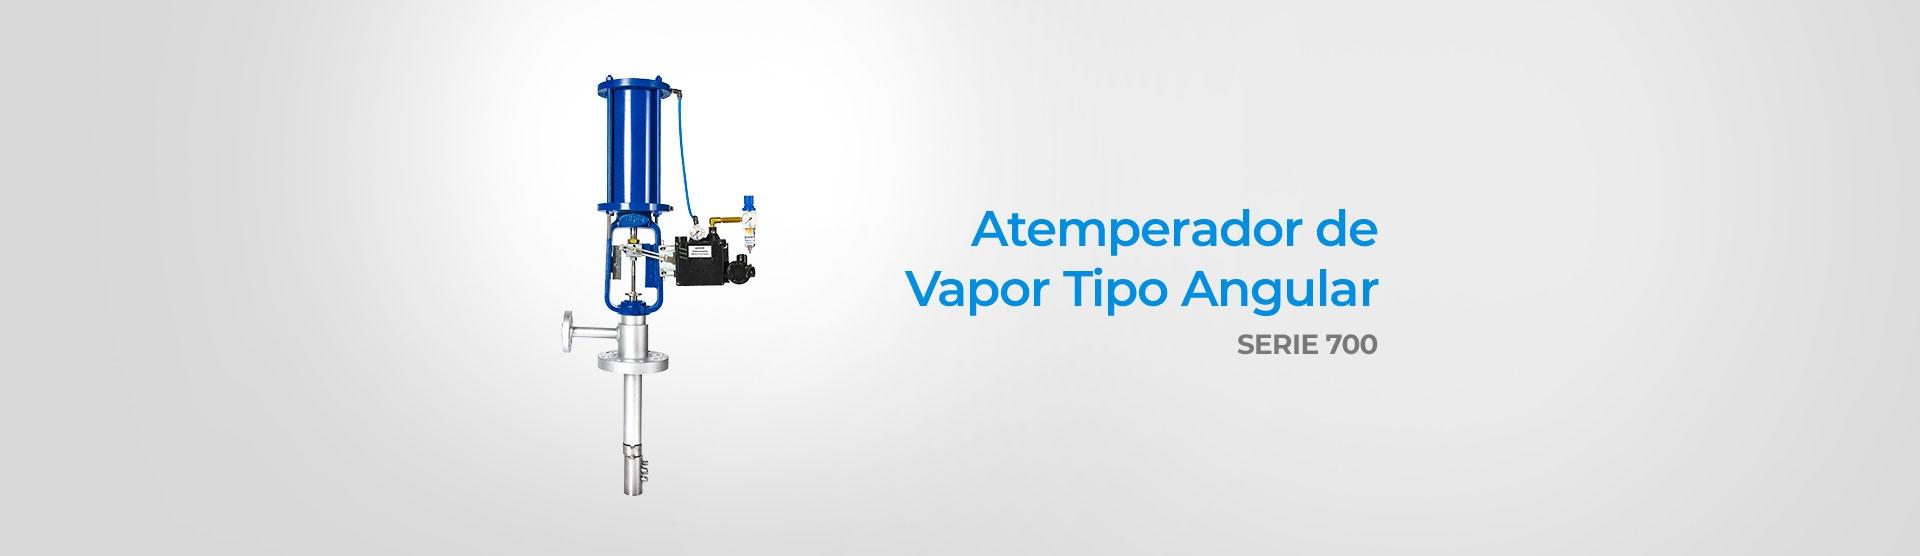 Atemperador de Vapor Tipo Angular (Serie 700)